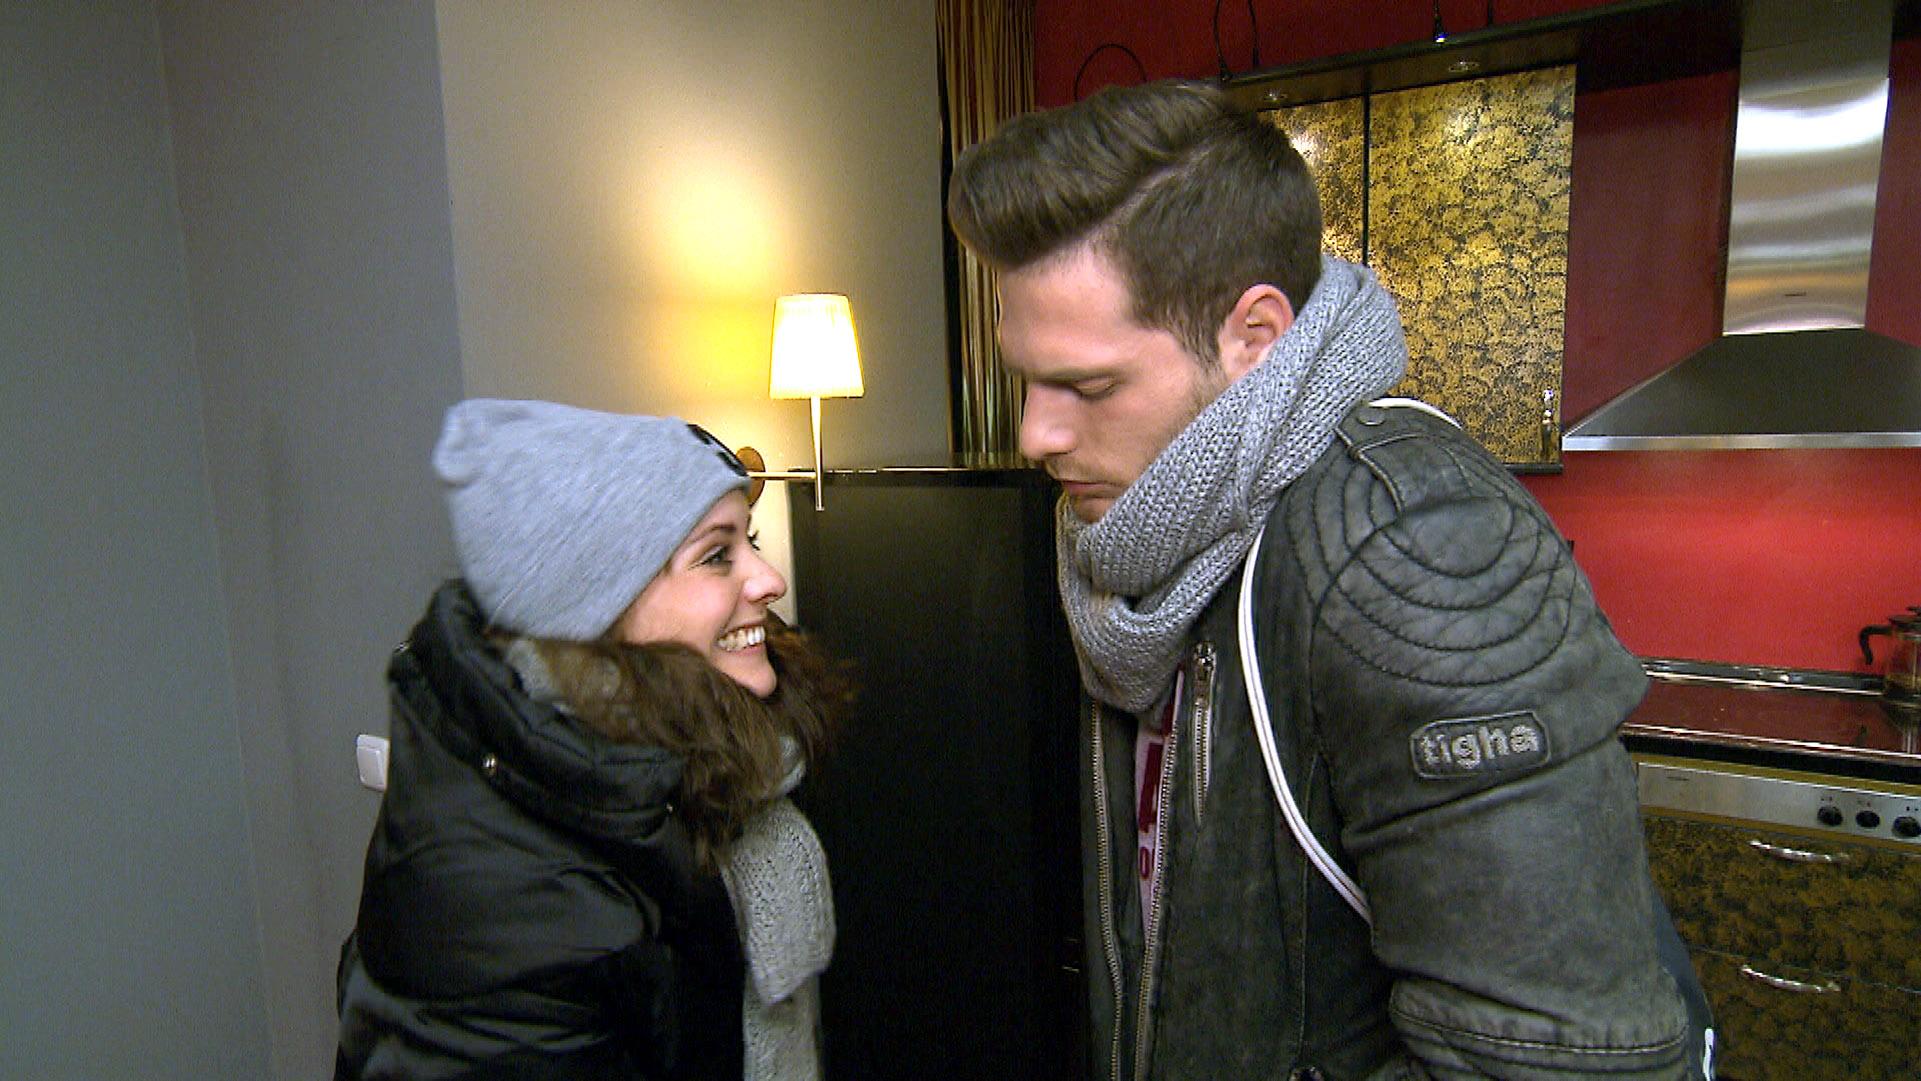 Lou freut sich, dass Daniel wiederkommt. Nachdem er bei seiner Mutter war, glaubt sie, dass nun wieder alles gut zwischen ihnen wird.. (Quelle: RTL 2)